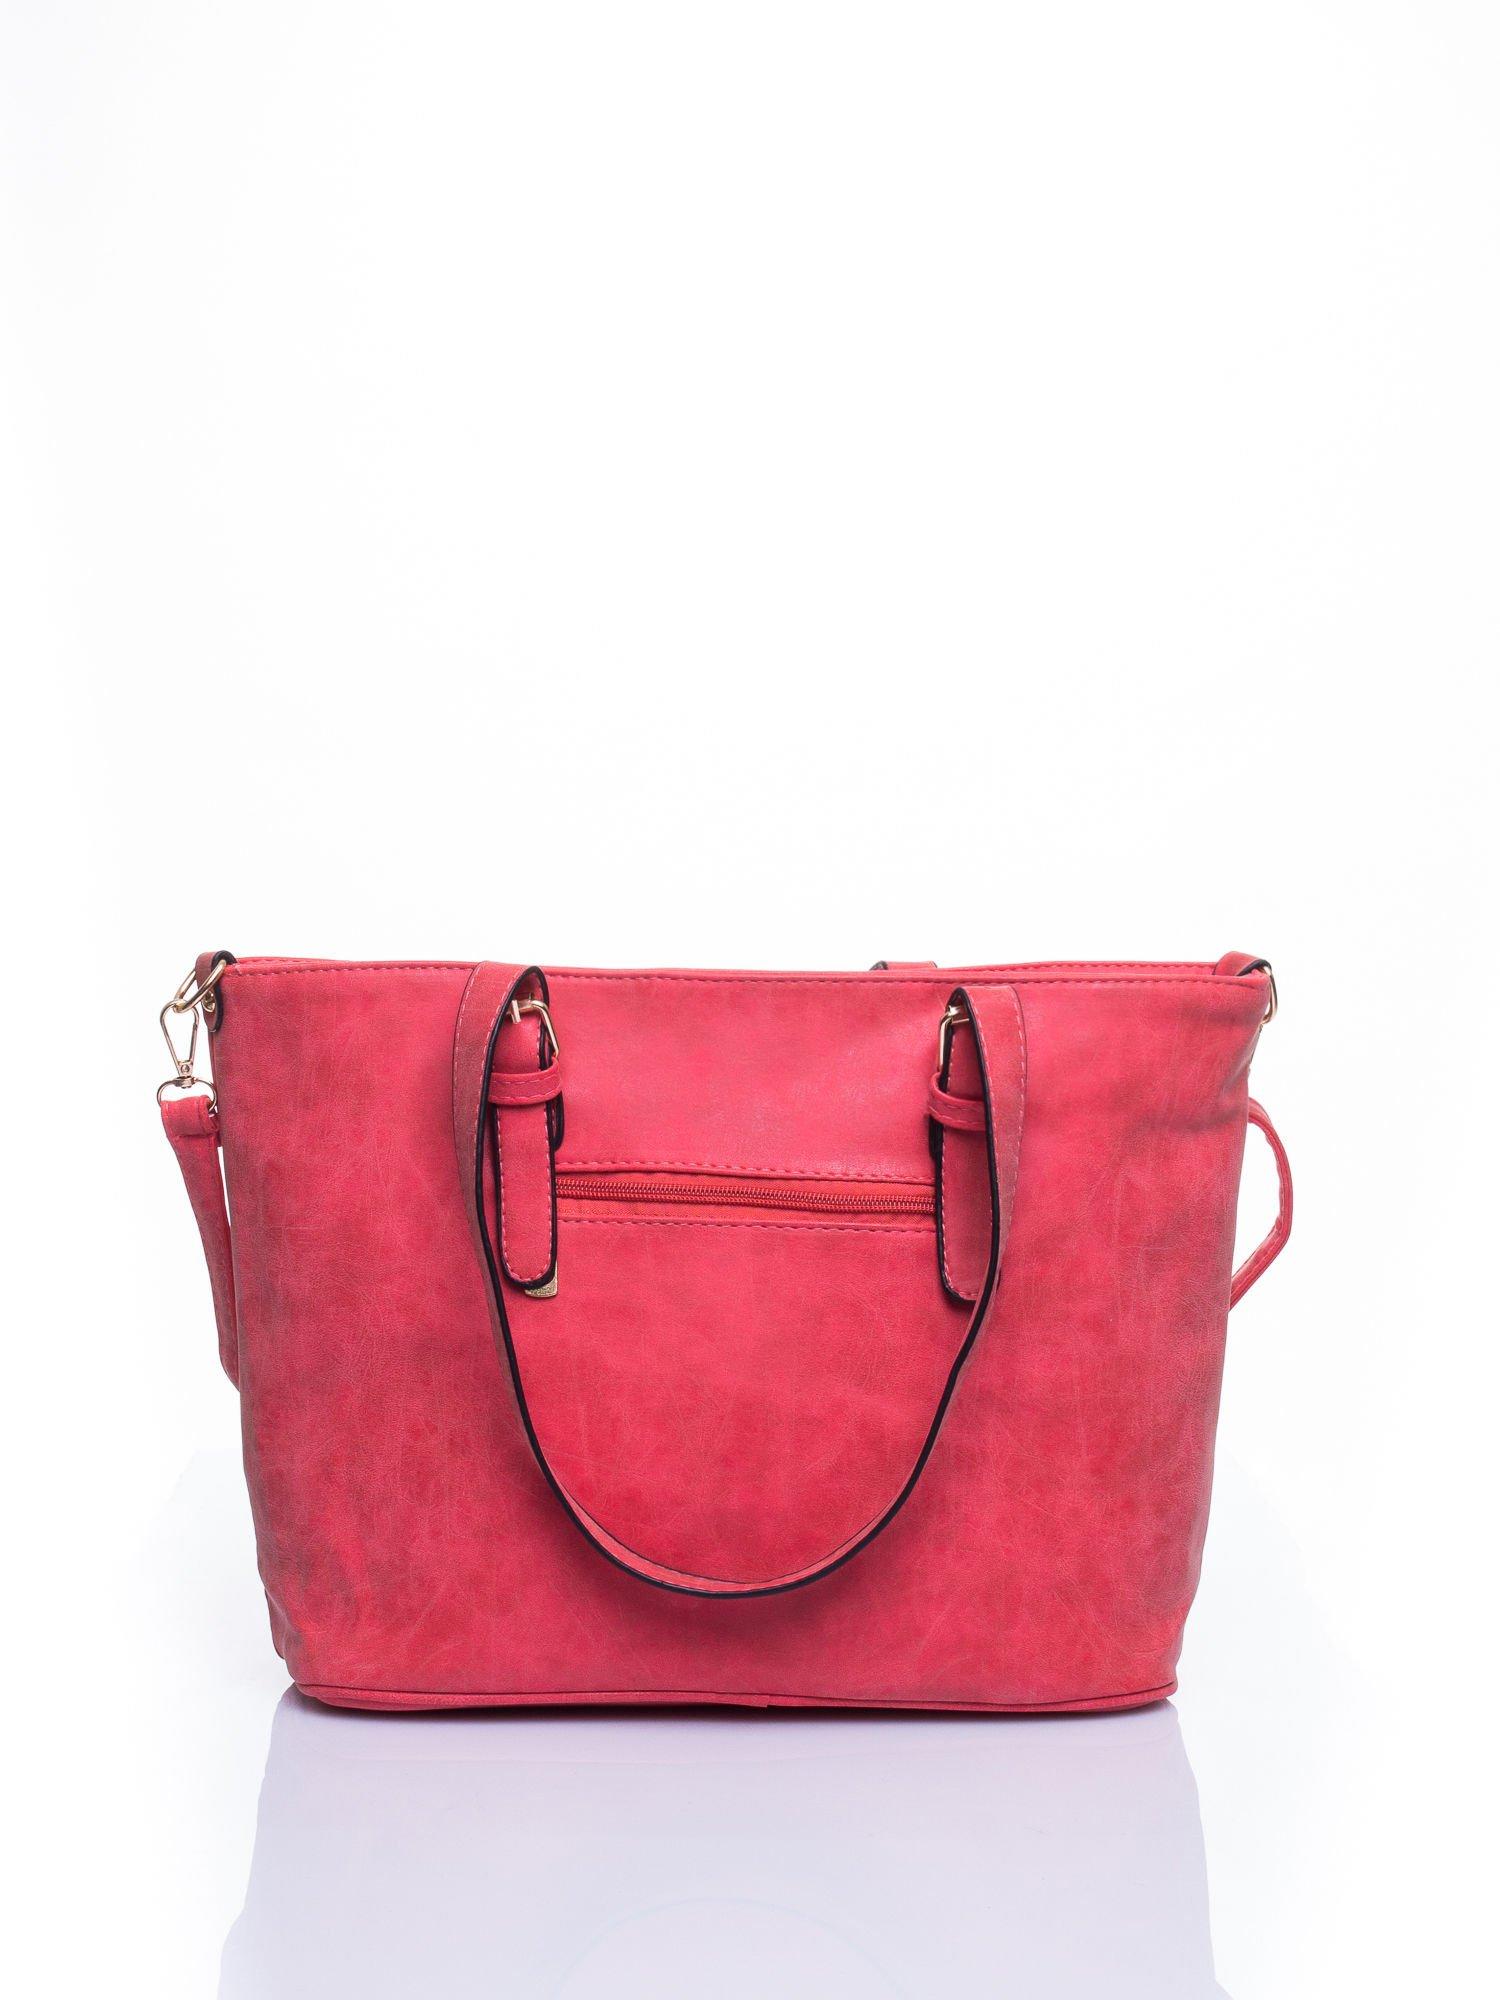 Czerwona torba shopper bag z zawieszką                                  zdj.                                  2